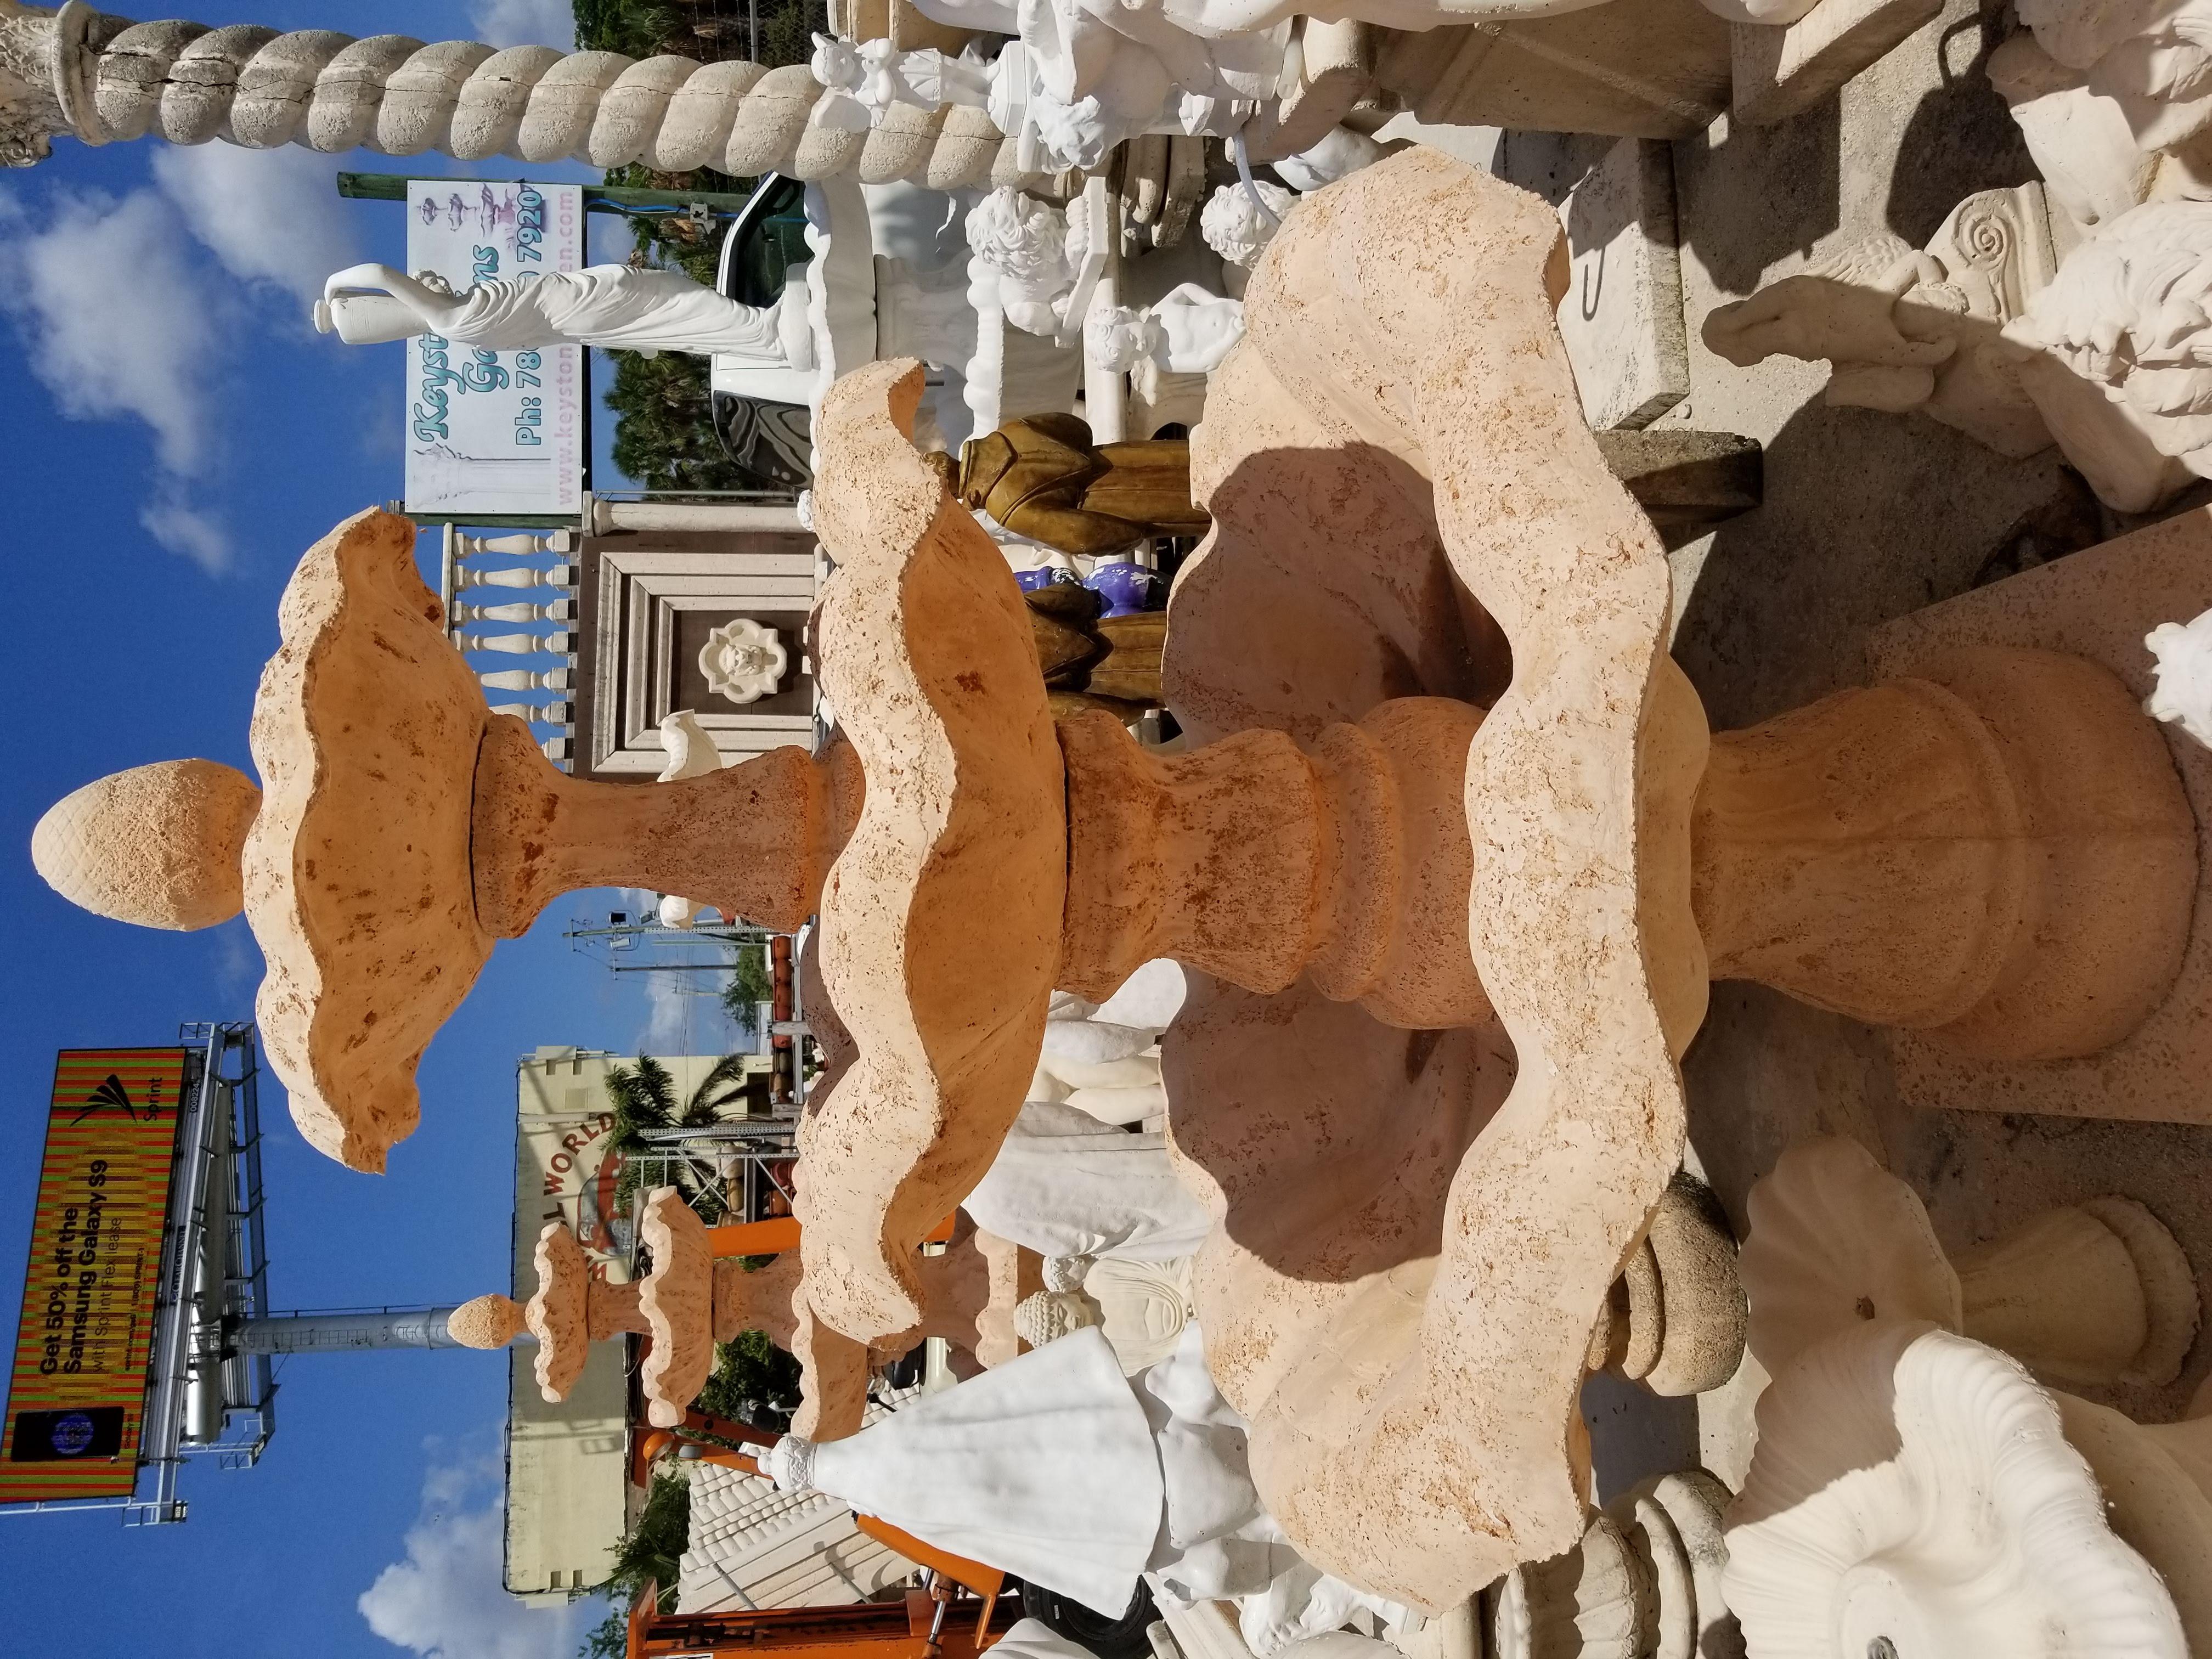 3 Tier Terracotta